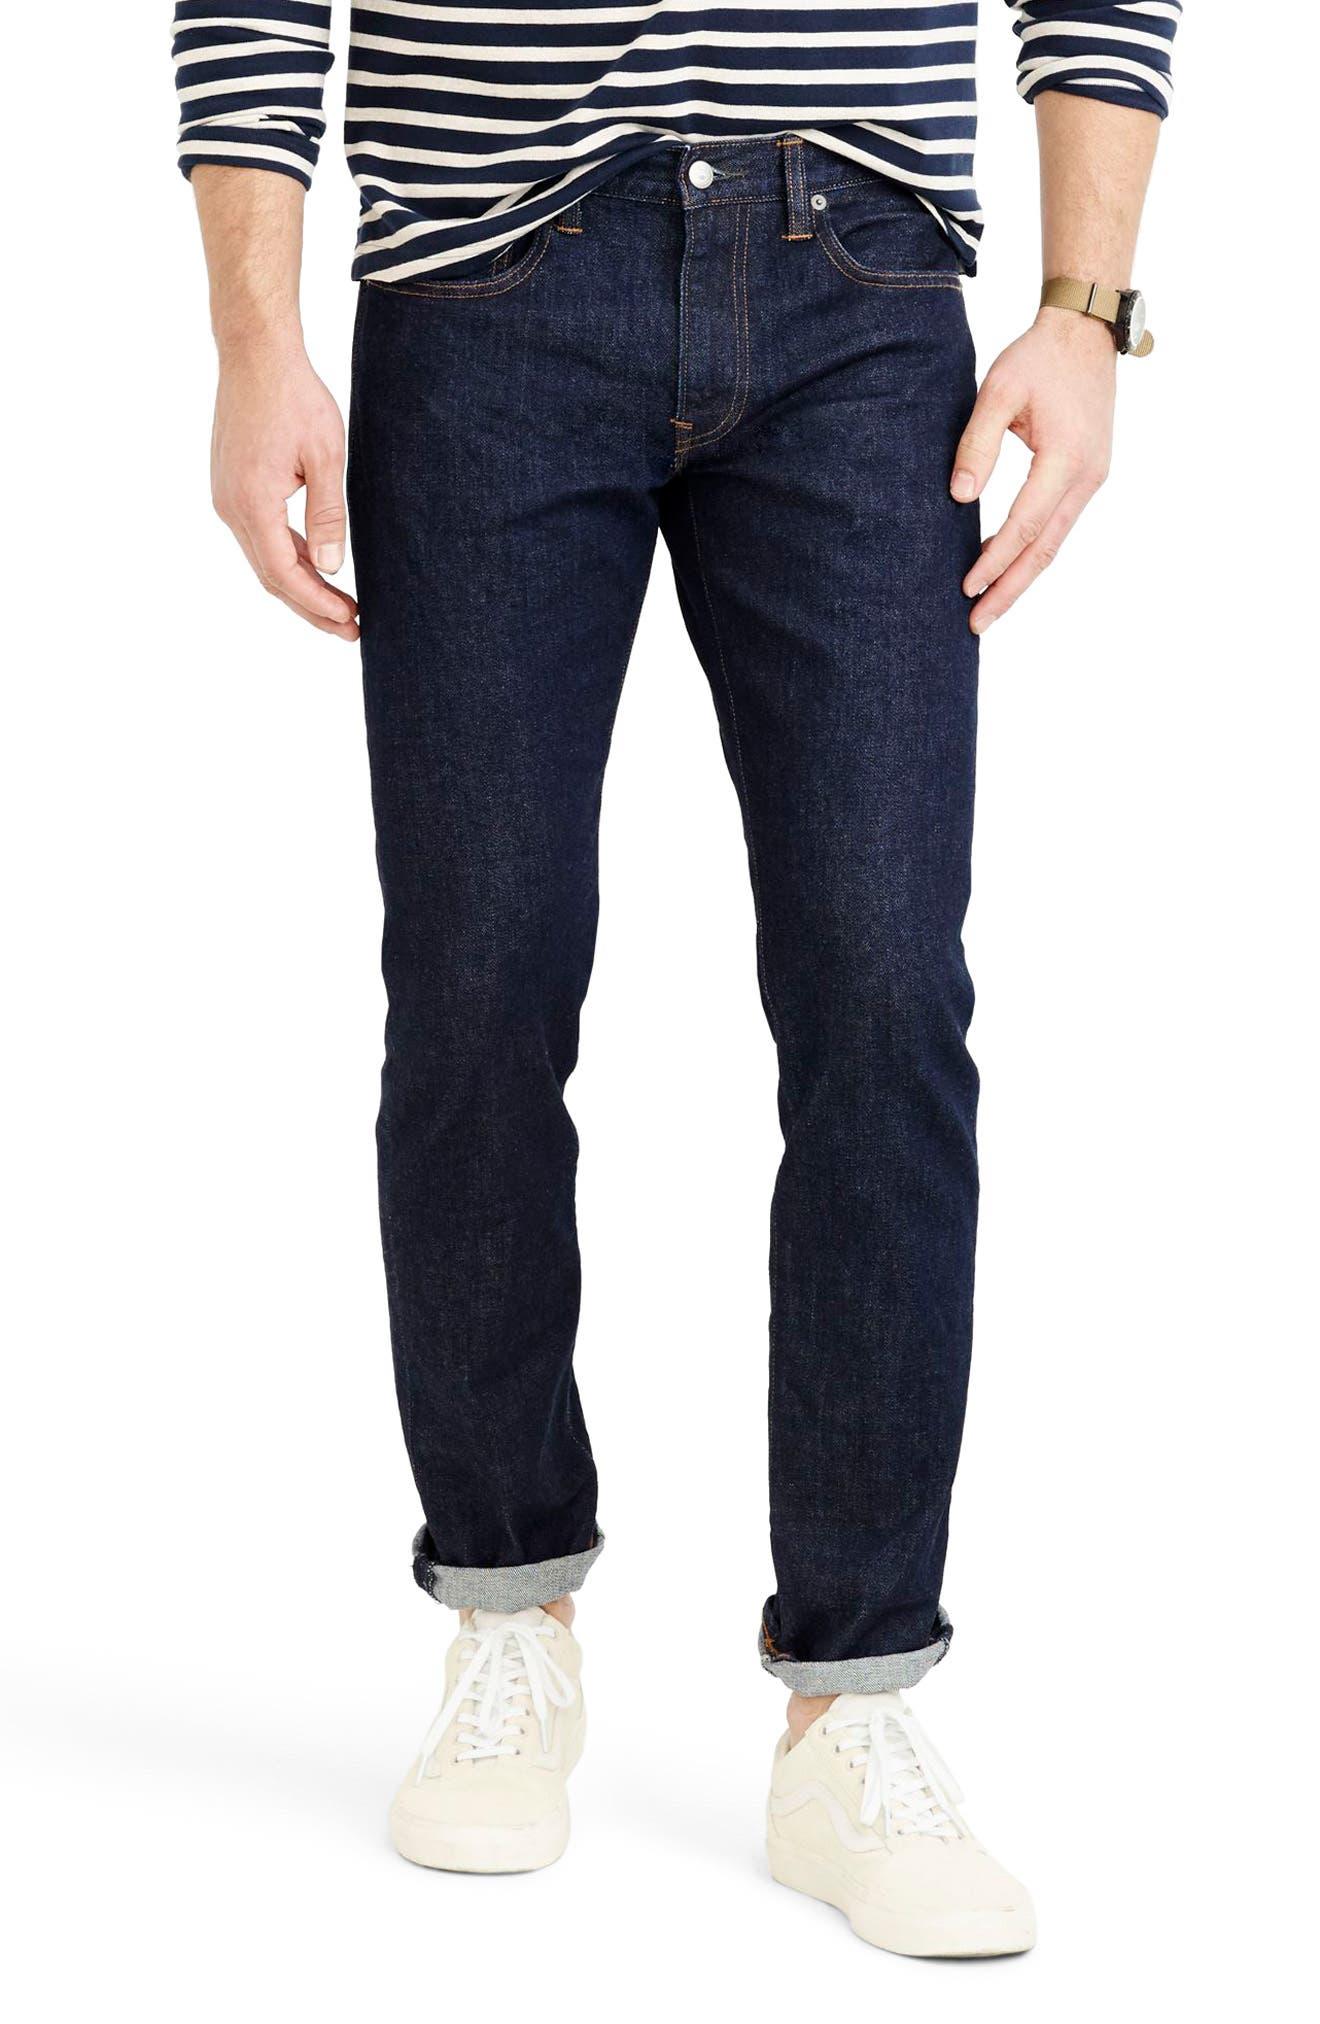 J.Crew 484 Slim Fit Stretch Jeans (Indigo Stretch)